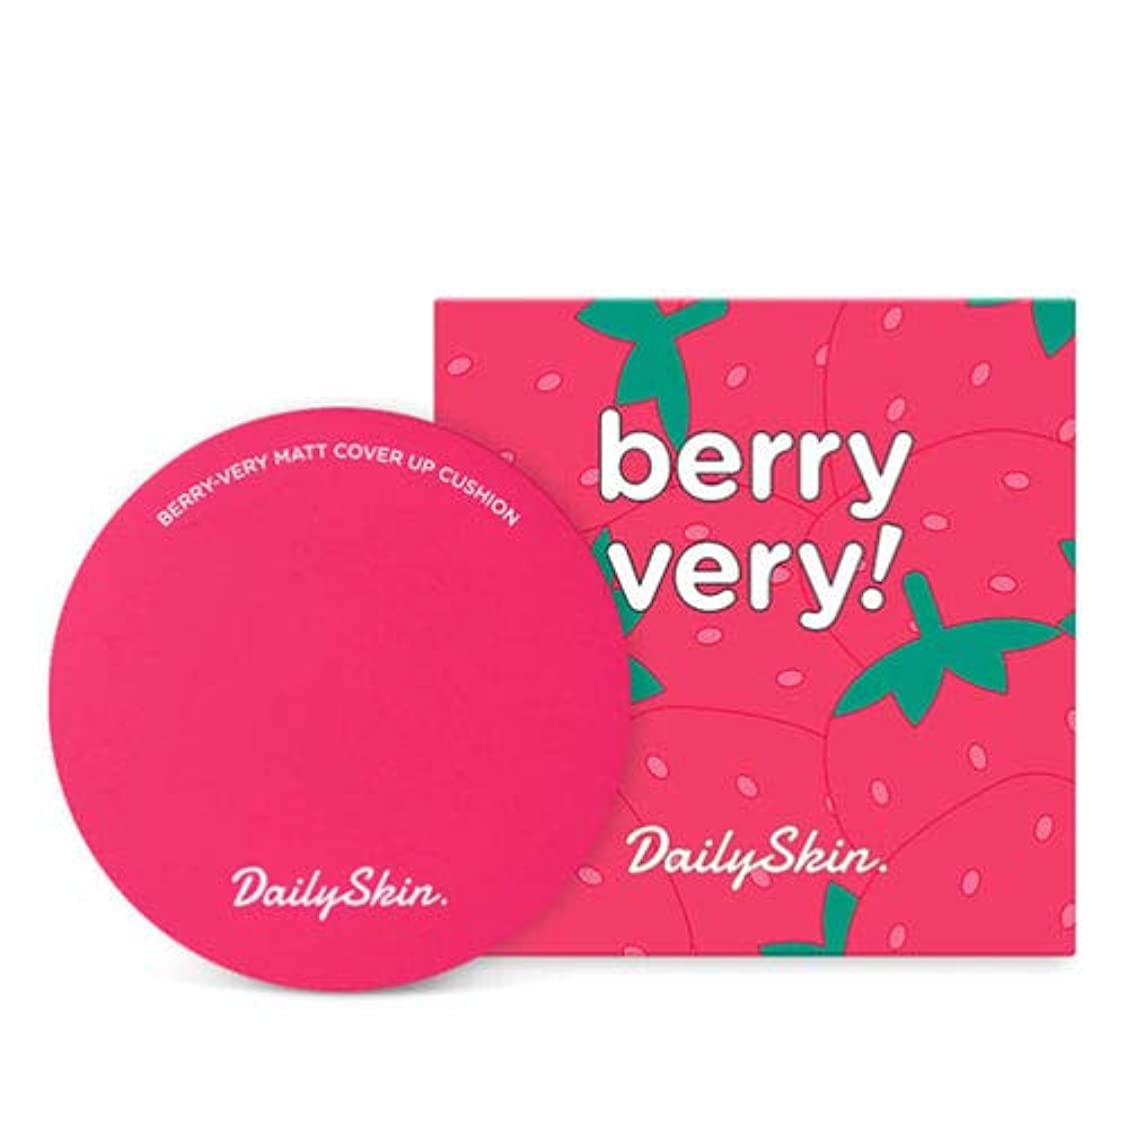 ミント請求書うなるDaily Skin Berry Very Matt Cover Up Cushion (No.23 Berry Natural) ]デイリースキン いちごマット カバー アップ クッション [並行輸入品]